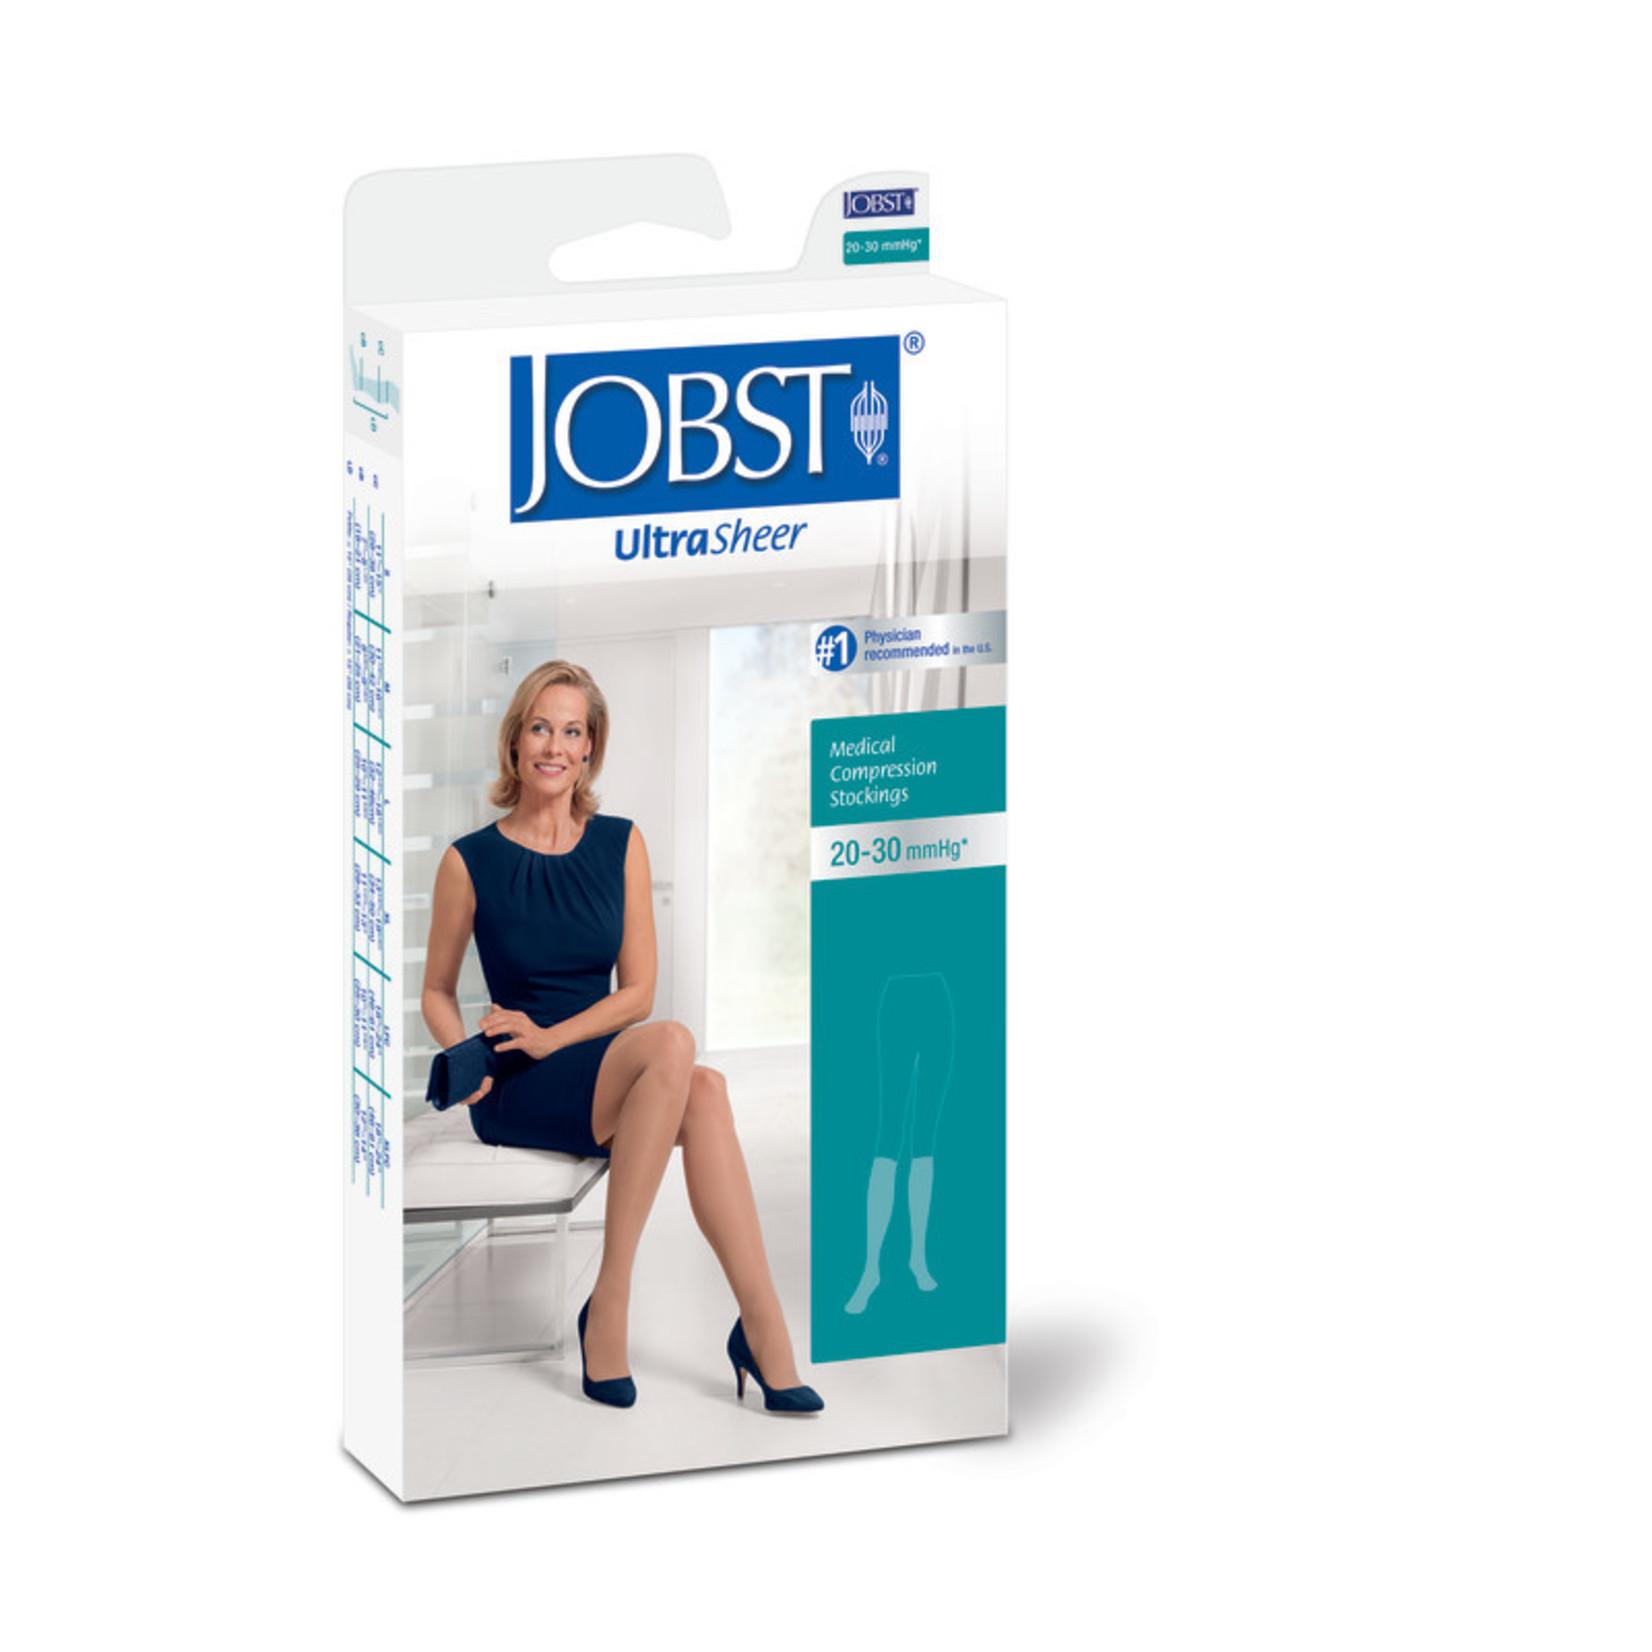 JOBST JOBST ULTRASHEER KNEE CLOSED TOE 20-30 mmHg